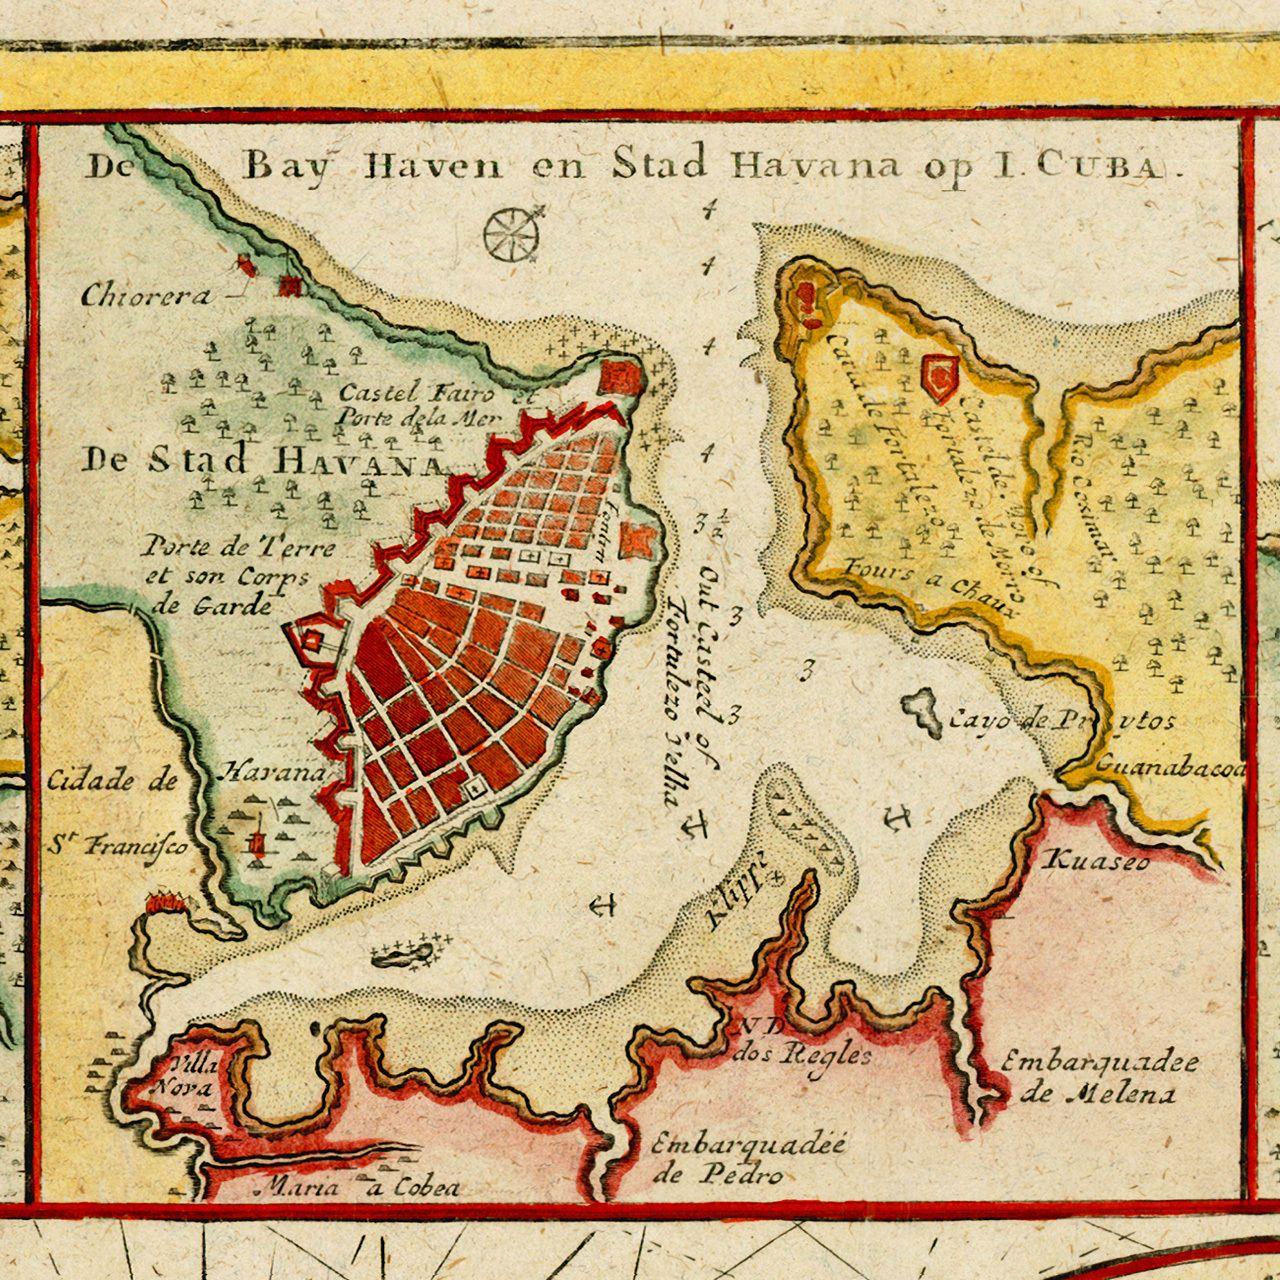 Cuba florida bahamas 1720s van keulen battlemaps old maps cuba florida bahamas 1720s van keulen battlemaps gumiabroncs Image collections